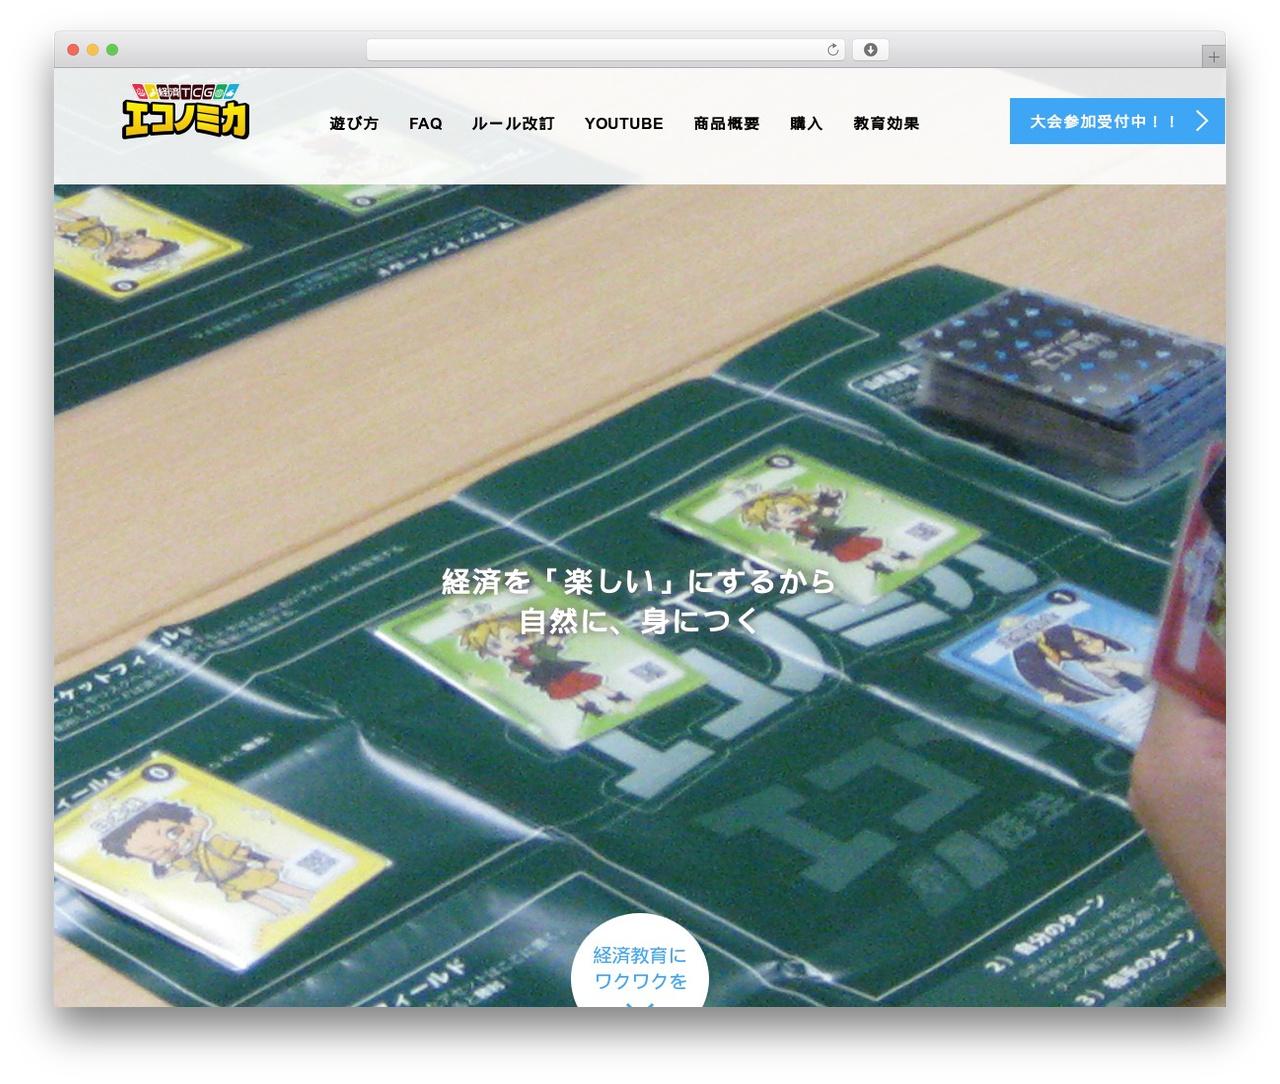 WP template AGENT - economica.jp